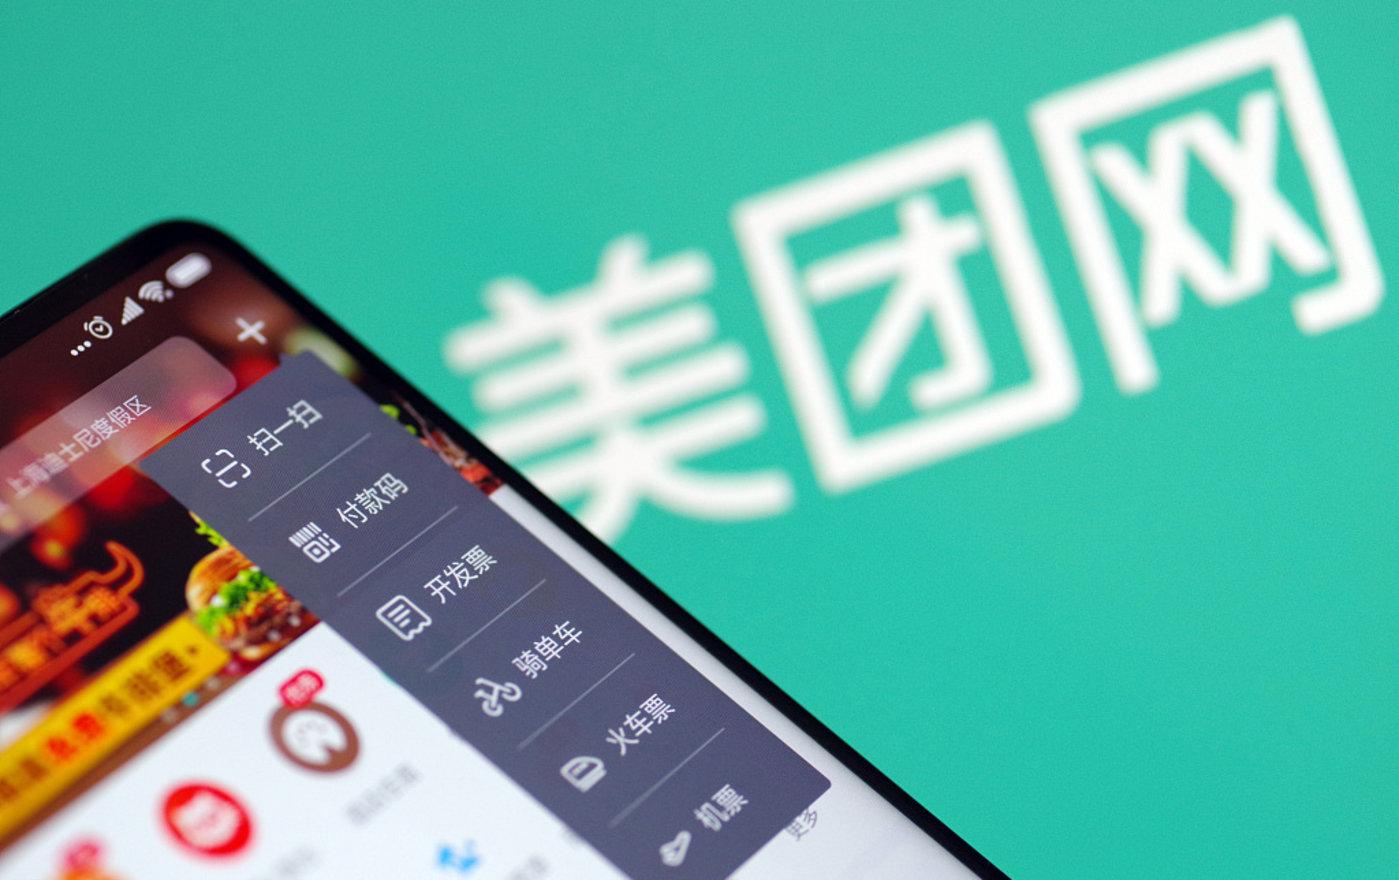 【钛晨报】美团联合创始人王慧文将正式退出公司具体管理事务;字节跳动游戏团队超过1000人,将于今年春季发布两款游戏